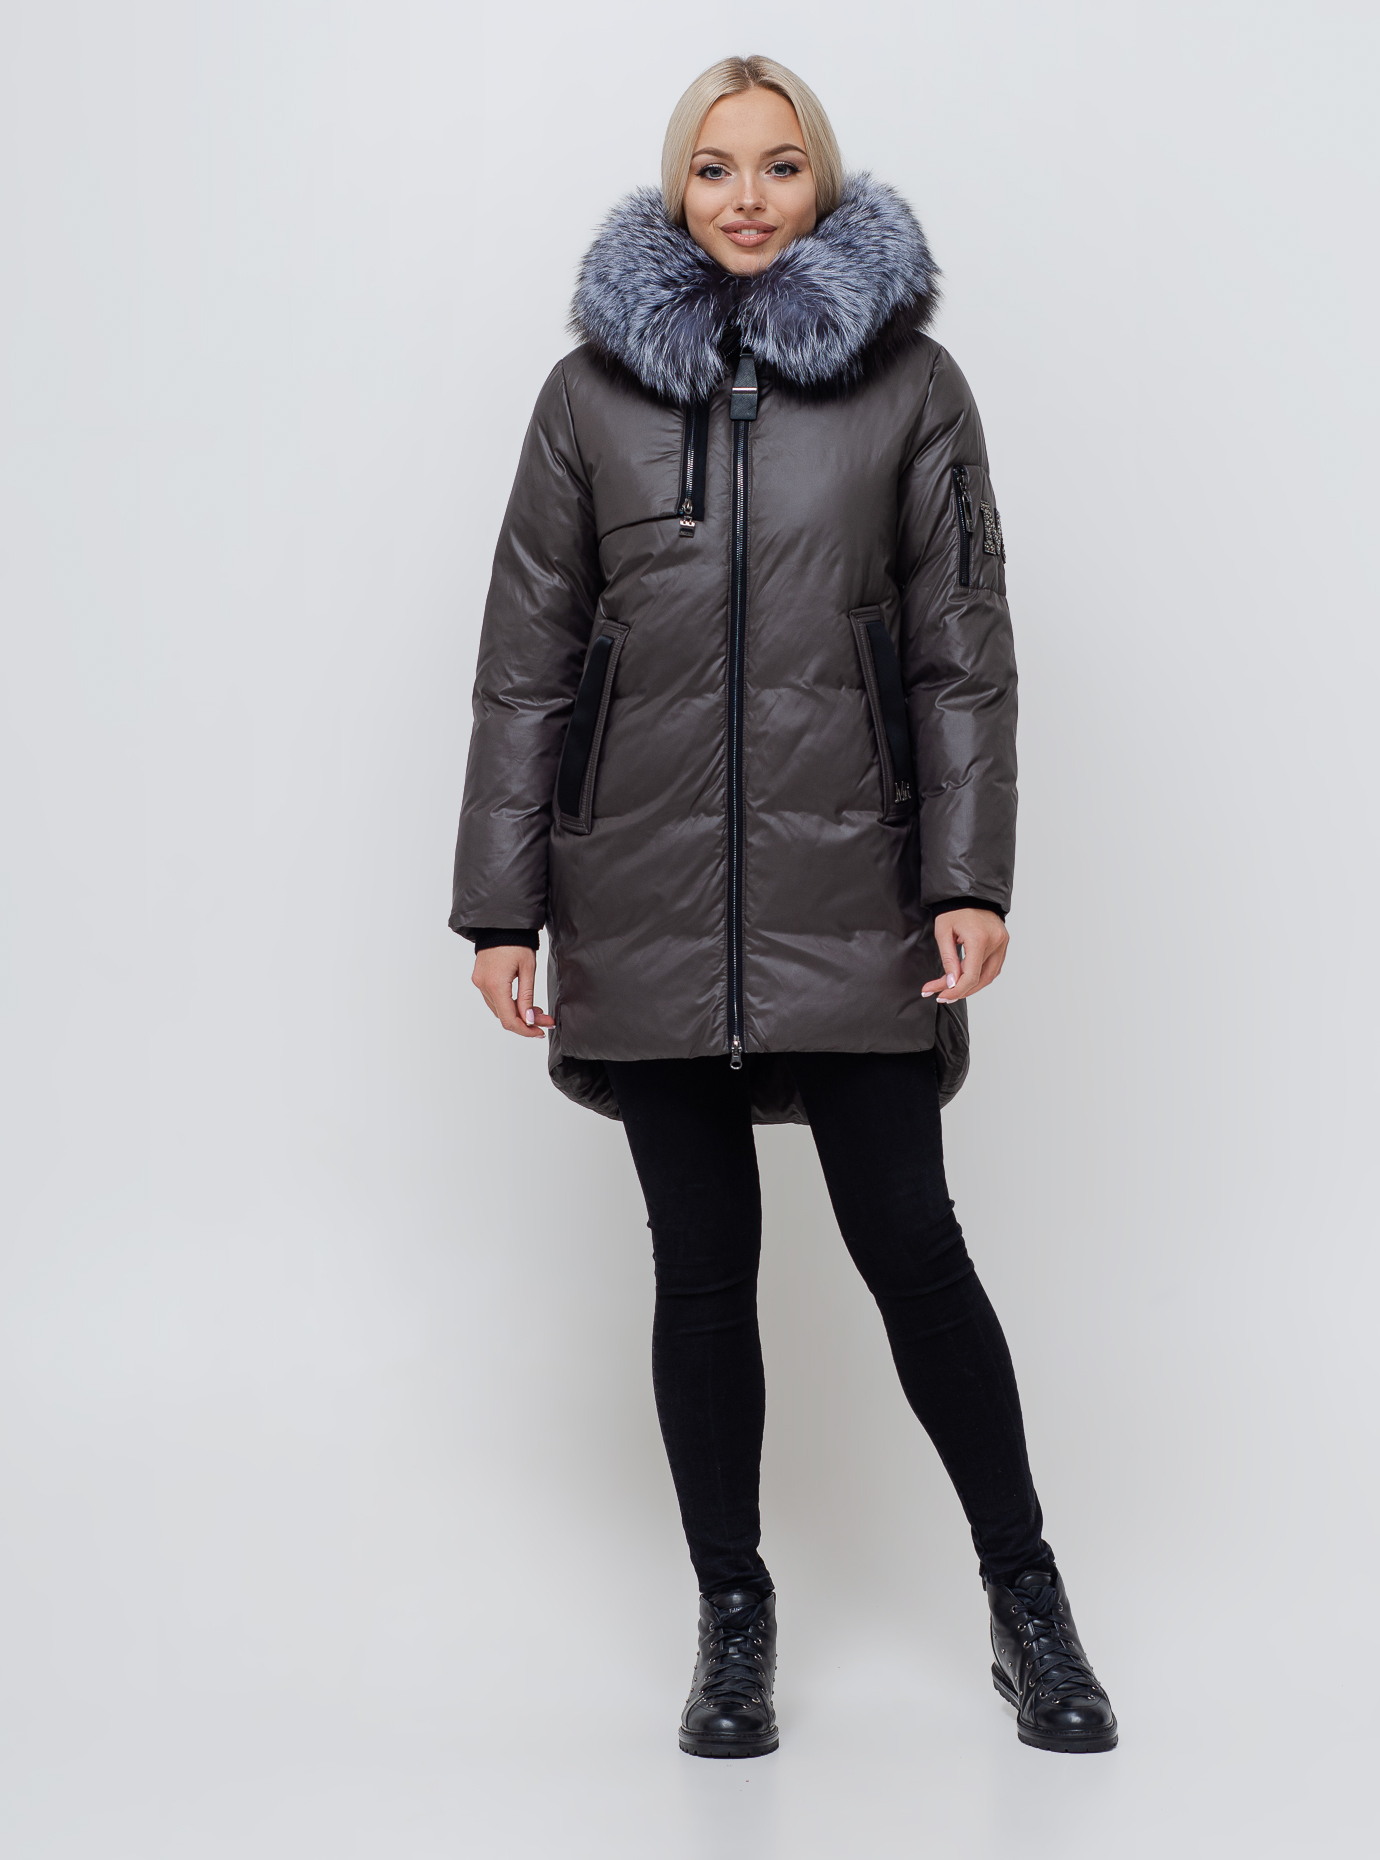 Жіноча зимова куртка хутром чорнобурки Графітовий S (01-210124): фото - Alster.ua